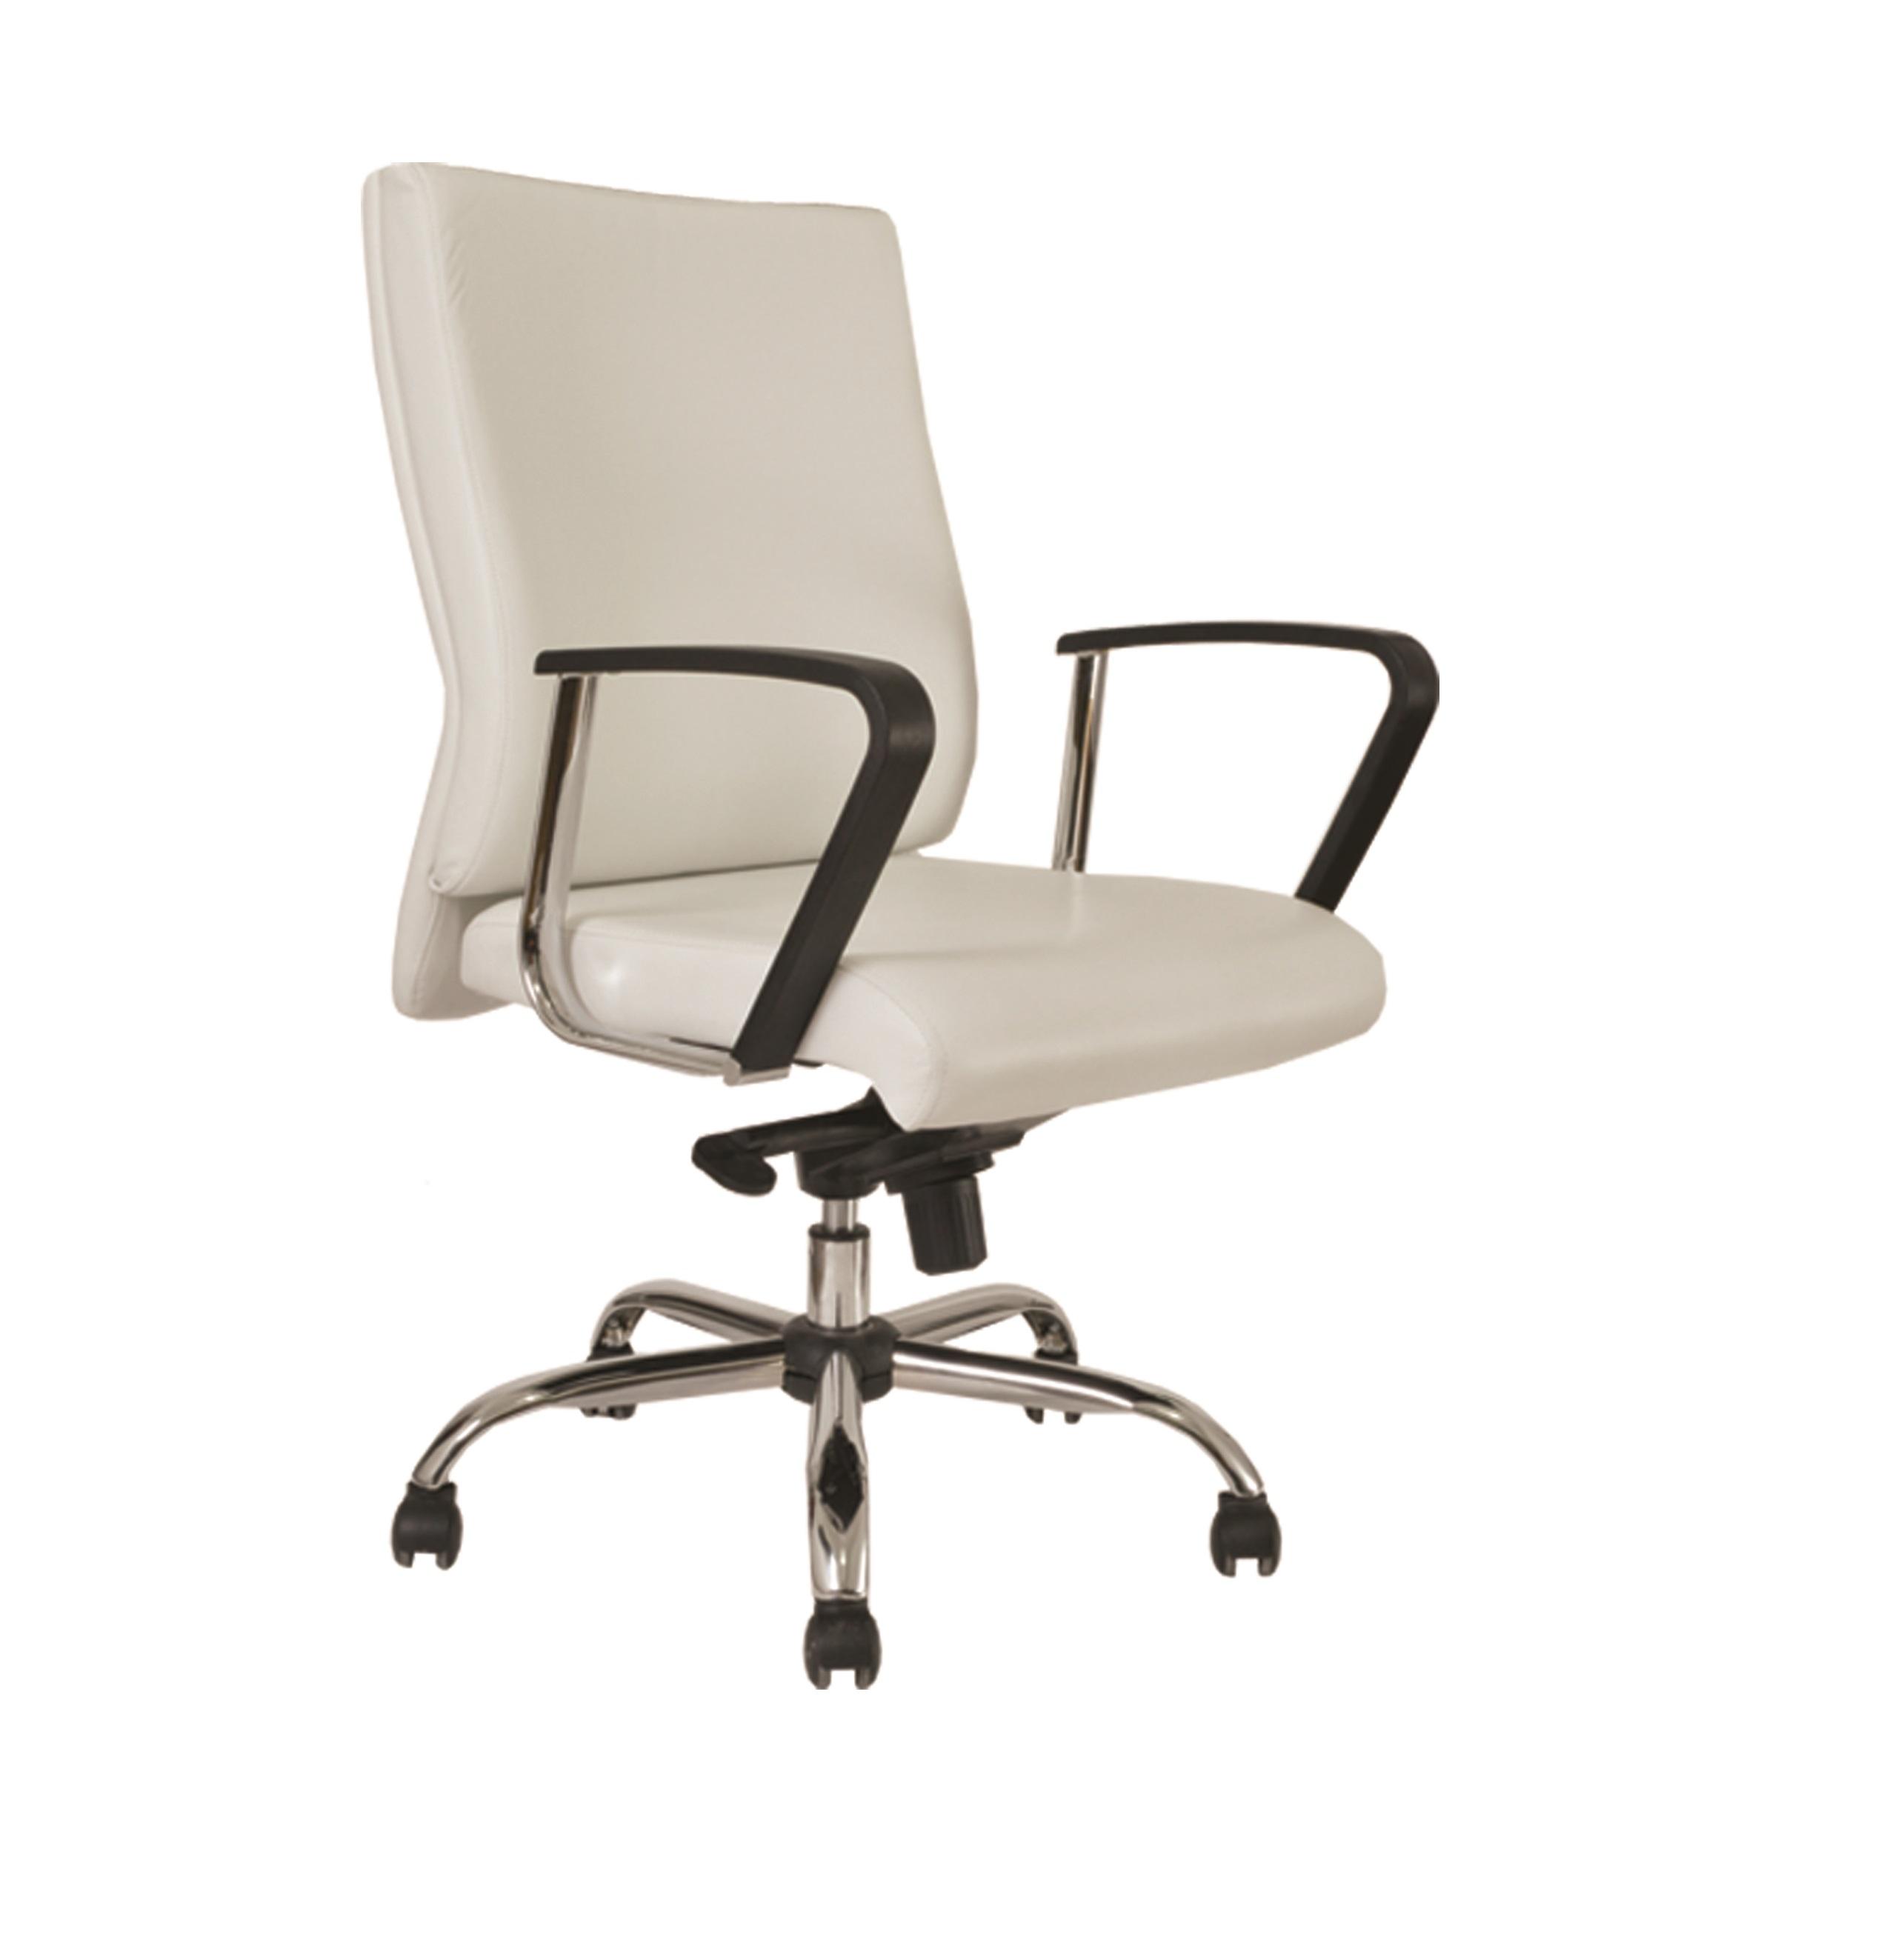 Silla subgerencial 1261 grupo meta soluciones de for Muebles y sillas para oficina